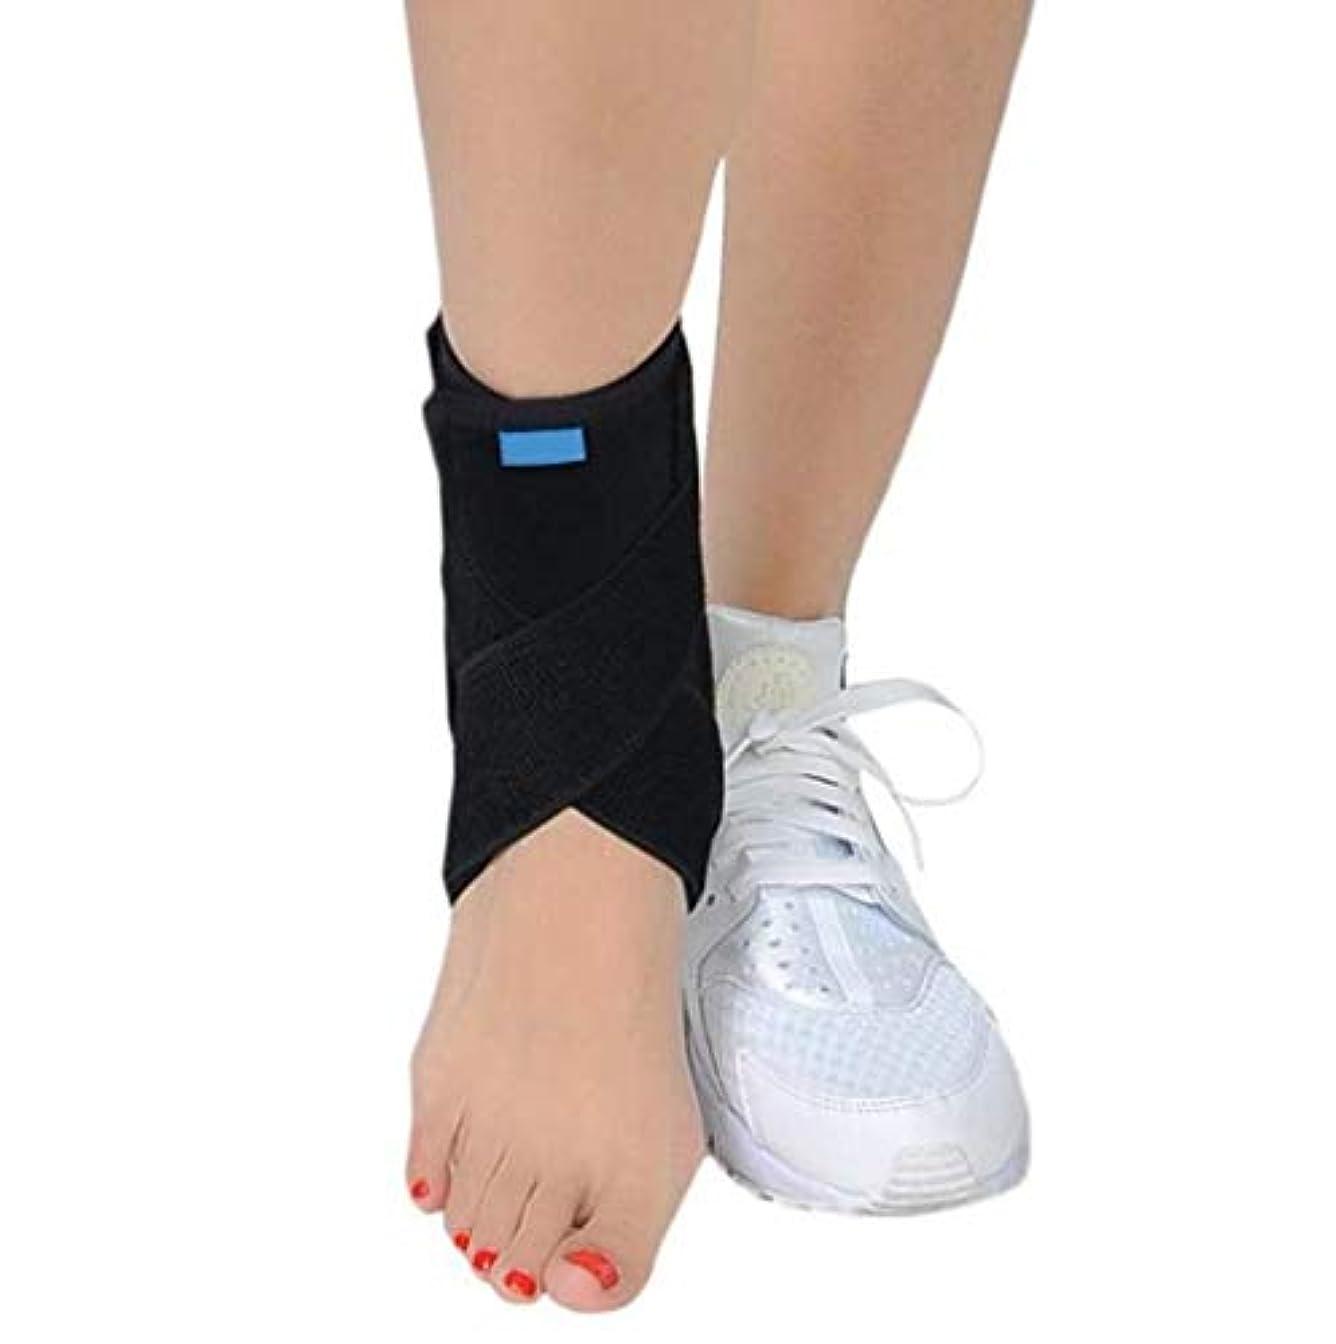 治安判事降ろす自伝足スプリント足首装具、矯正足ドロップ姿勢、かかとの痛み、足ドロップ、足底筋膜炎の安定化とアキレス腱炎の症状を緩和します